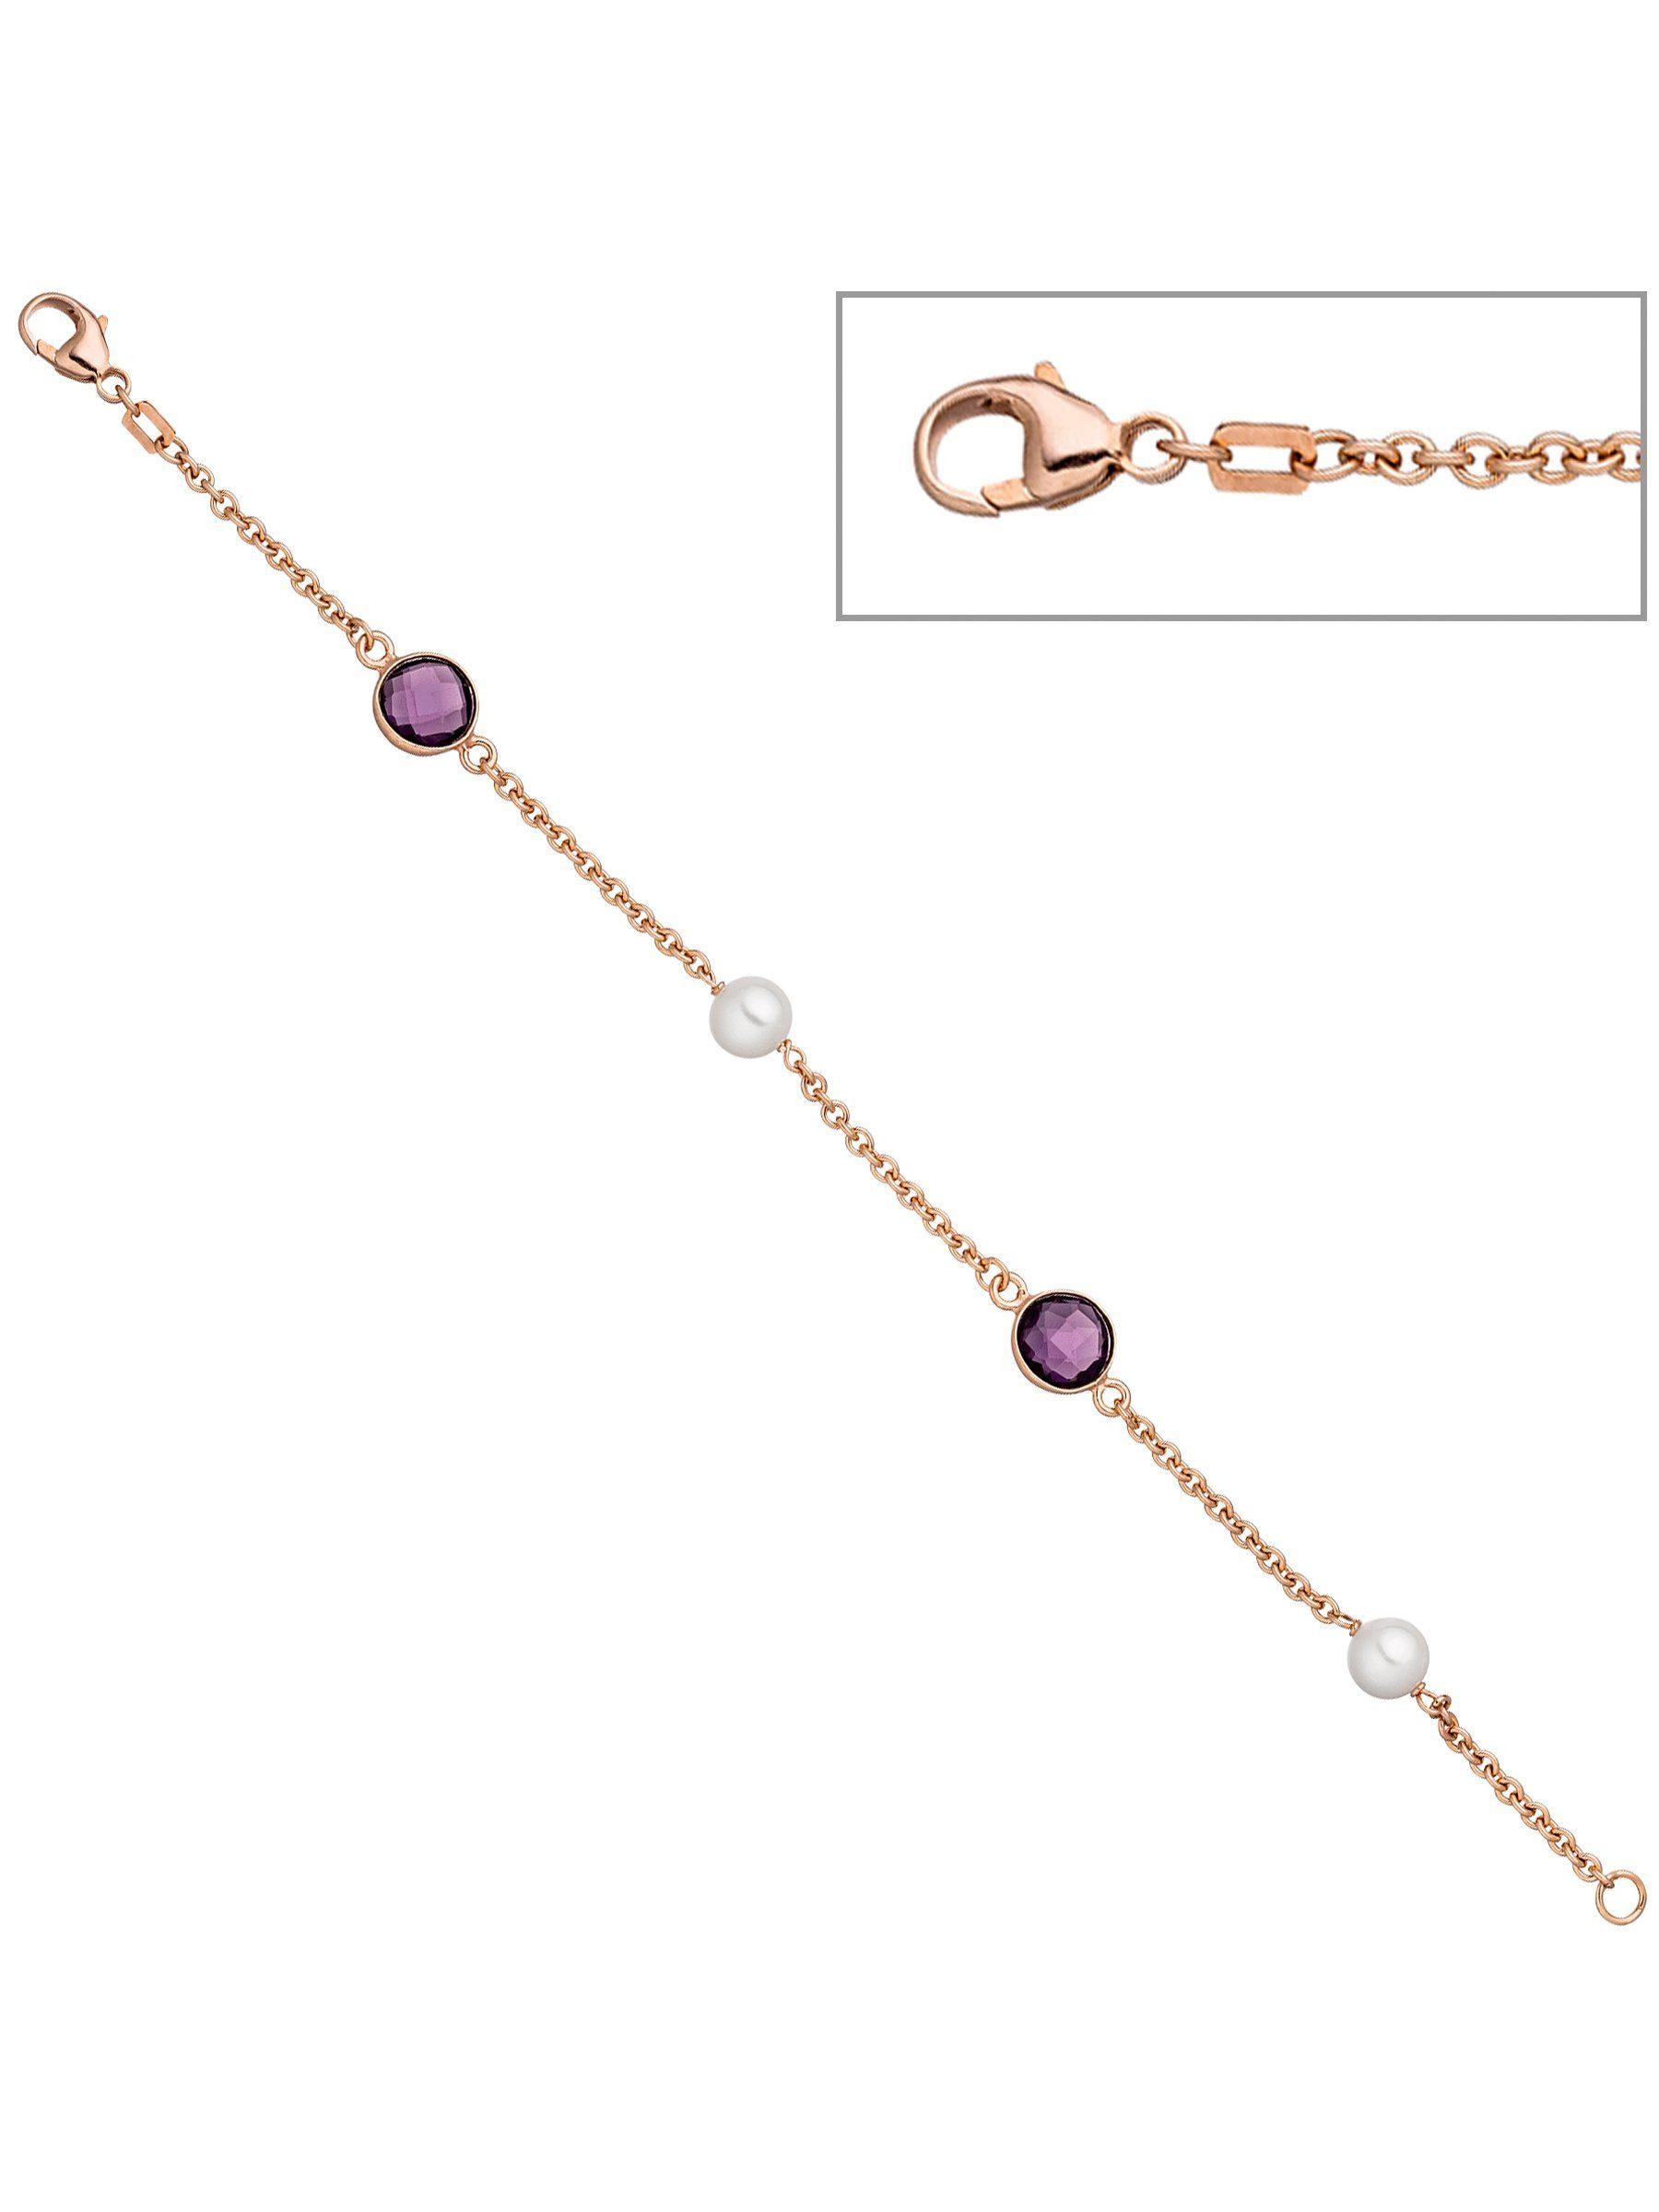 Adelia´s Armband 925 Silber mit Quarz mit Süßwasser - Zuchtperle L - 19 cm